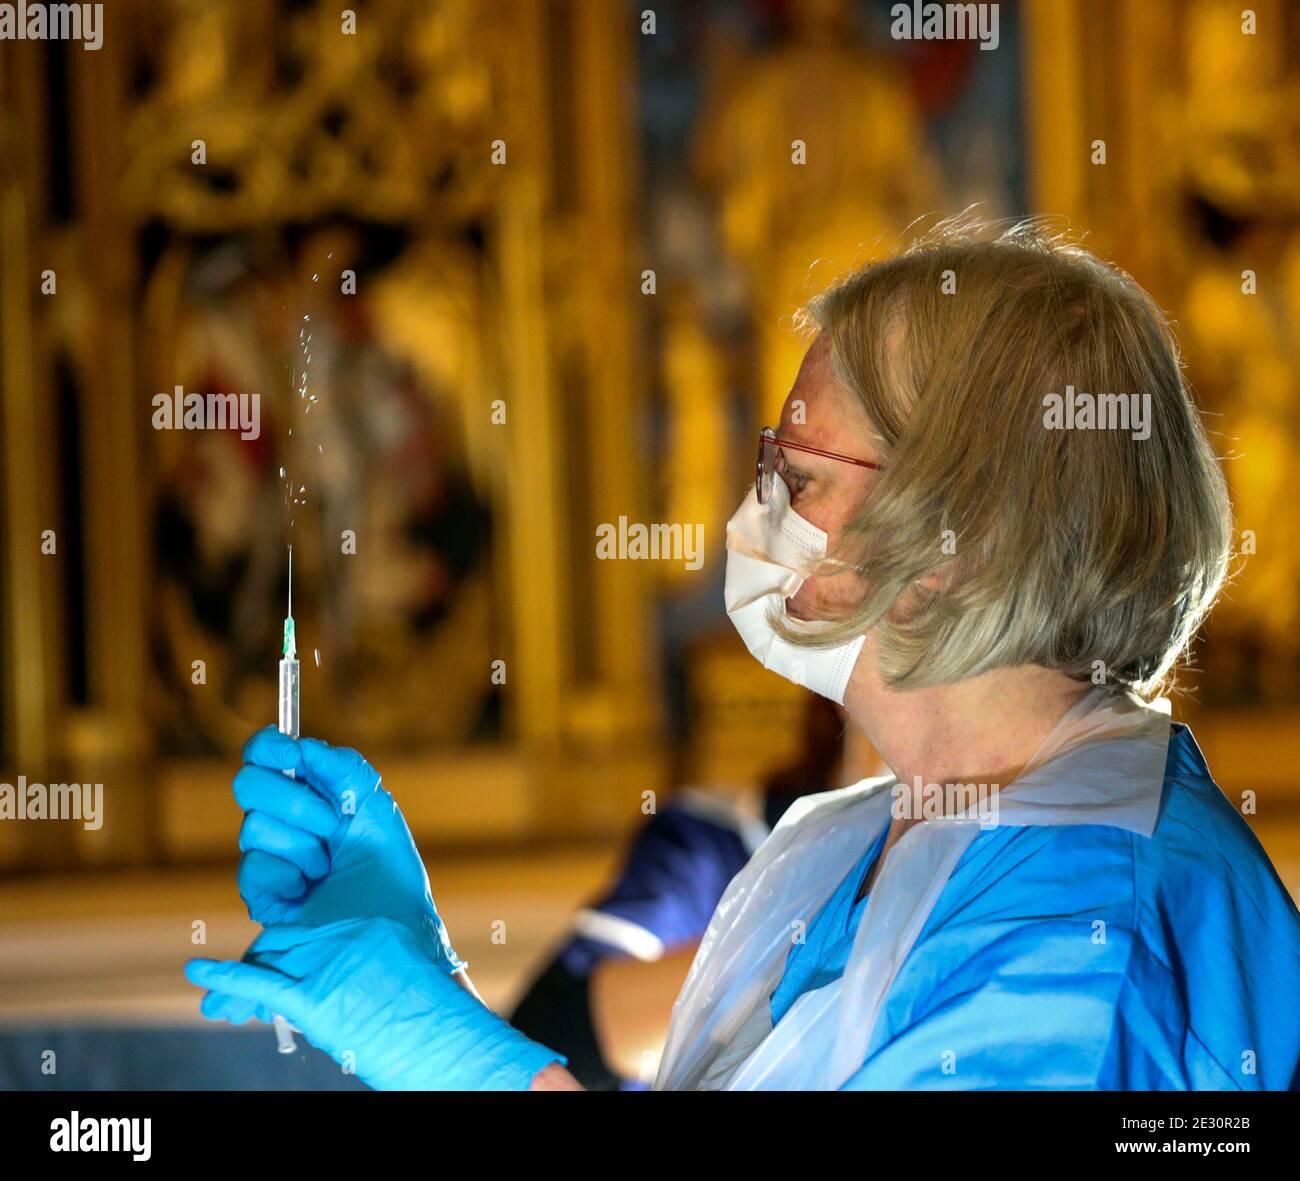 Der Pfizer-Coronavirus-Impfstoff wird von einem Gesundheitshelfer in der Salisbury Cathedral, Wiltshire, hergestellt, bevor er an die Öffentlichkeit verabreicht wird. Stockfoto